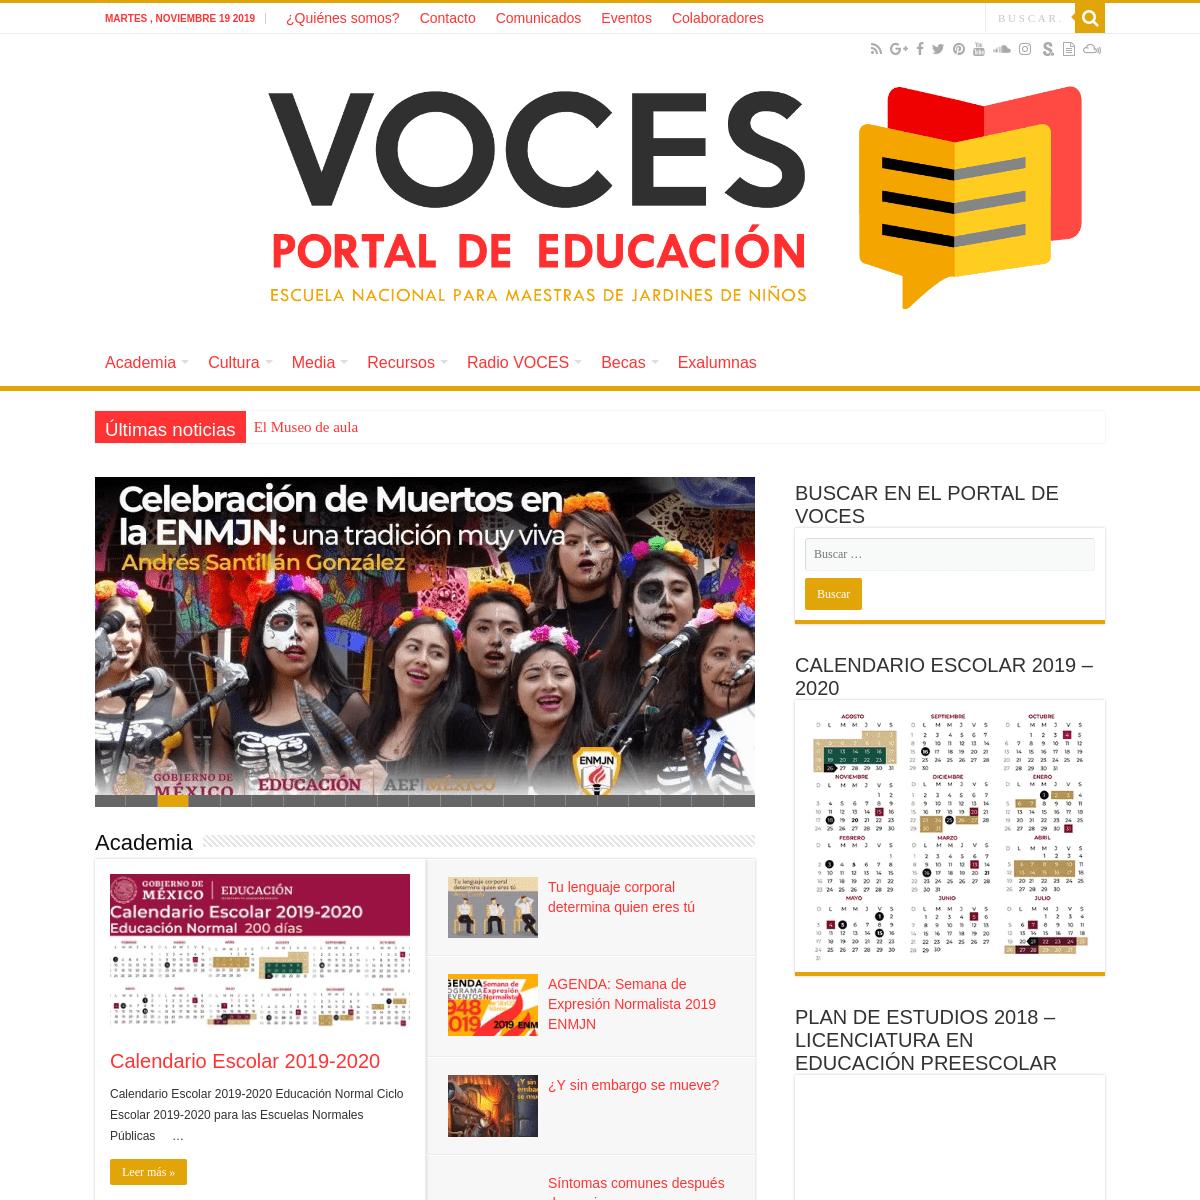 Inicio. Revista VOCES. Portal de Educación. ENMJN Página Oficial